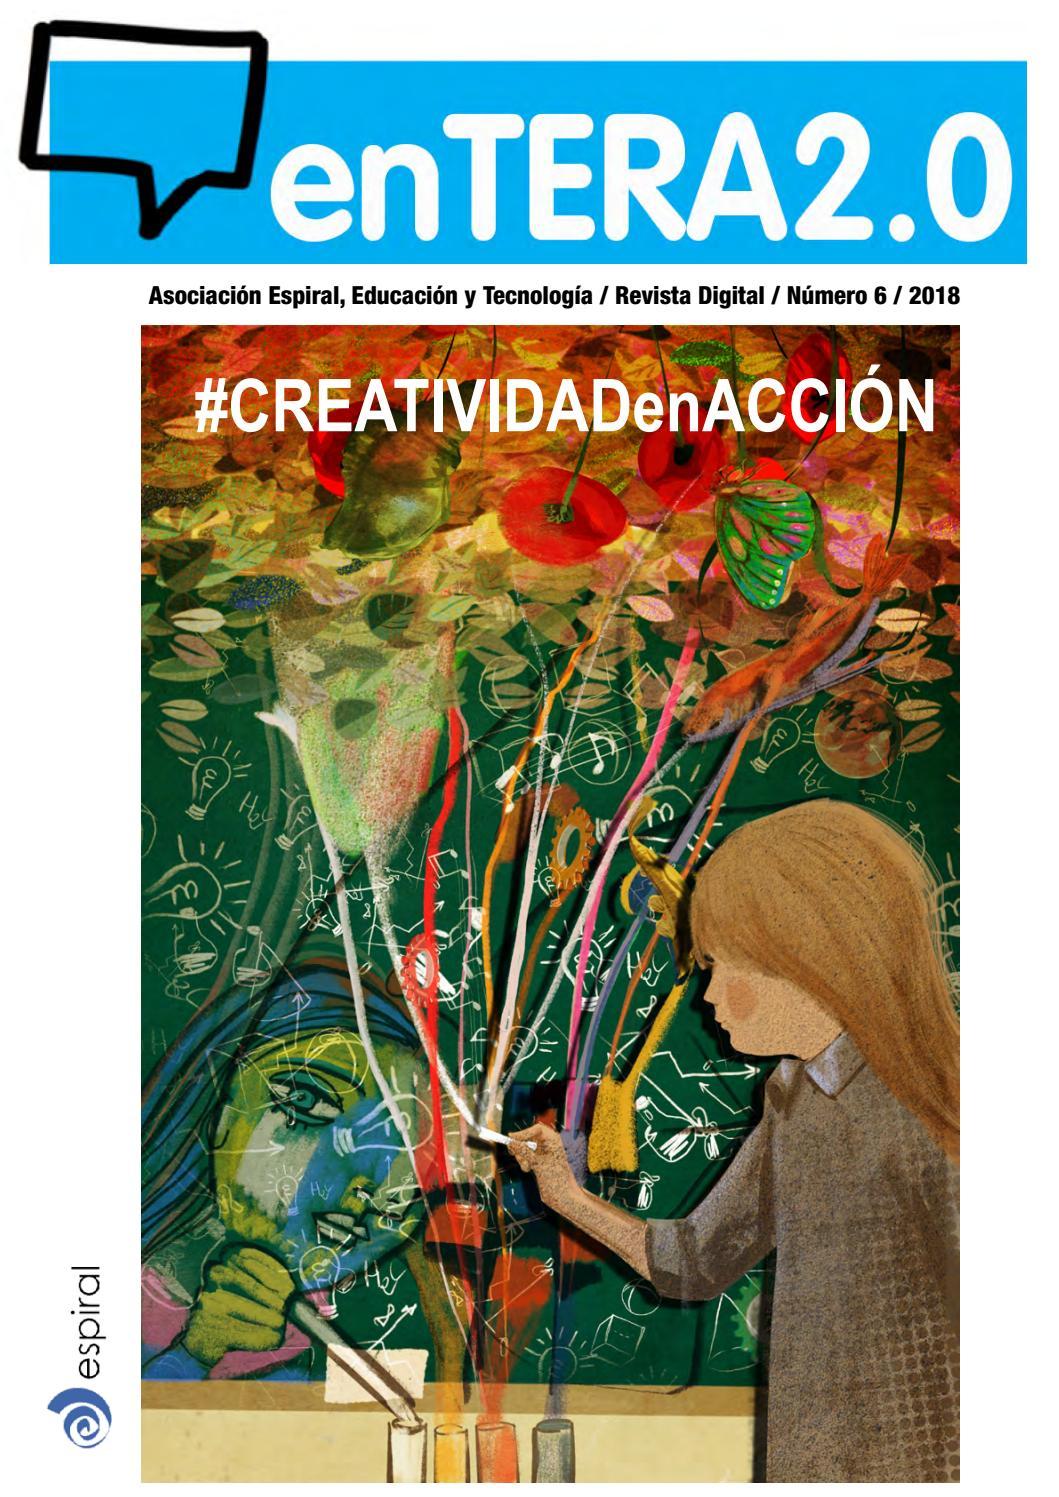 62919f0c59 Revista Digital Asociación Espiral Número 6  CREATIVIDADenACCIÓN by  Asociación Espiral